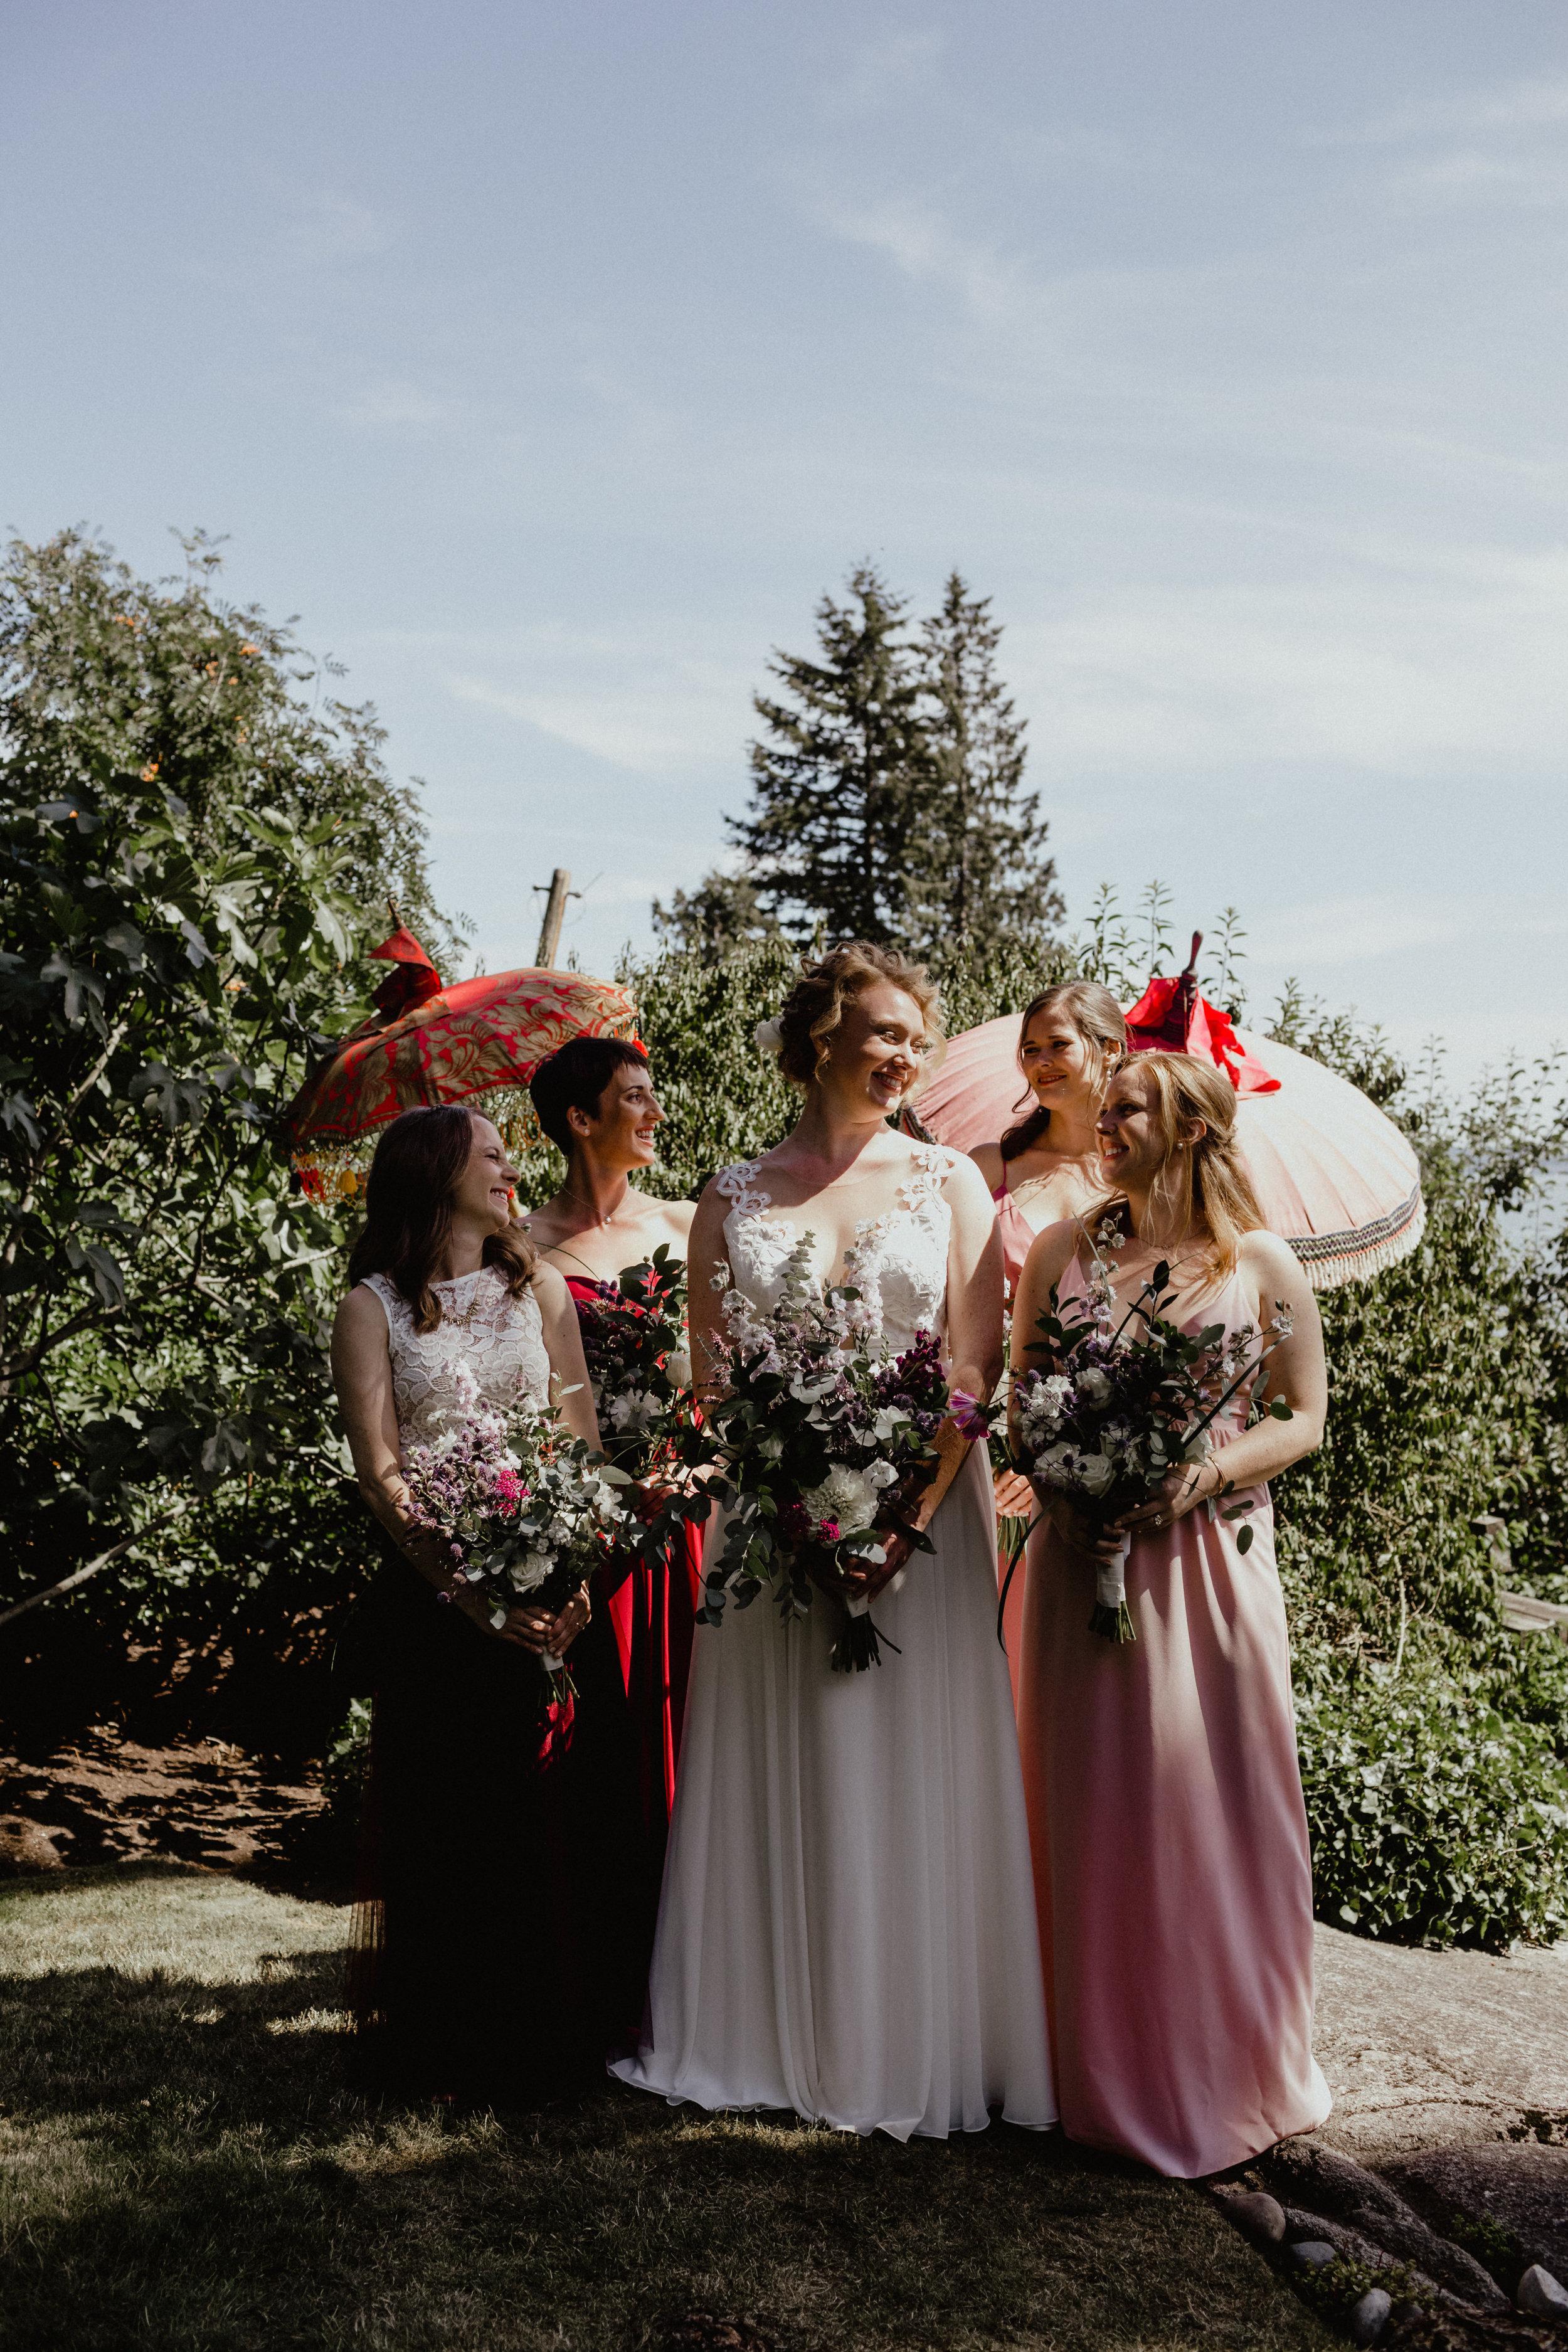 west-vancouver-backyard-wedding-62.jpg